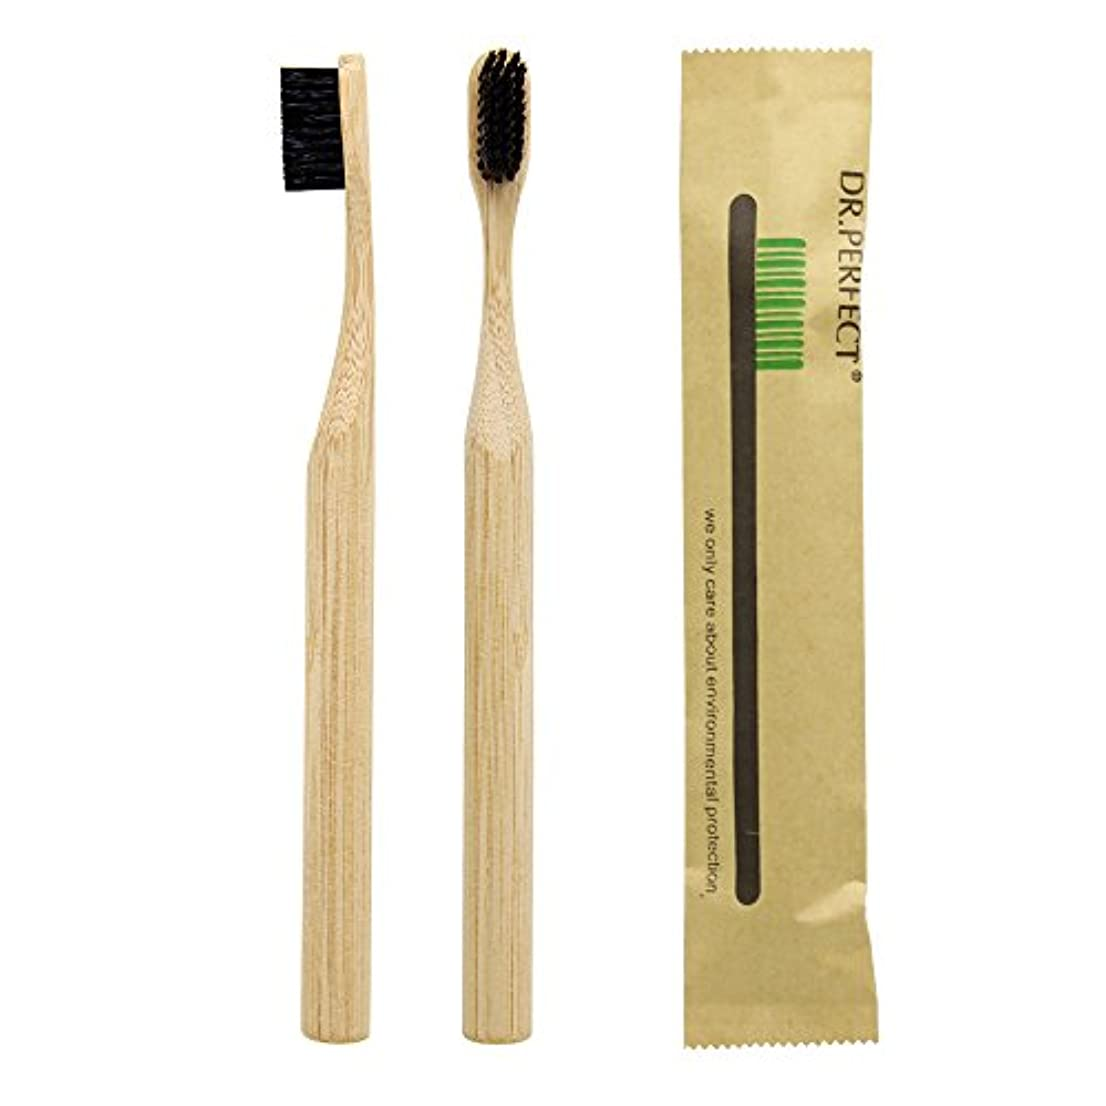 差し控える船悲しいことにDr.Perfect Bamboo Toothbrush アダルト竹の歯ブラシ ナイロン毛 環境にやさしい製品 (ブラック)